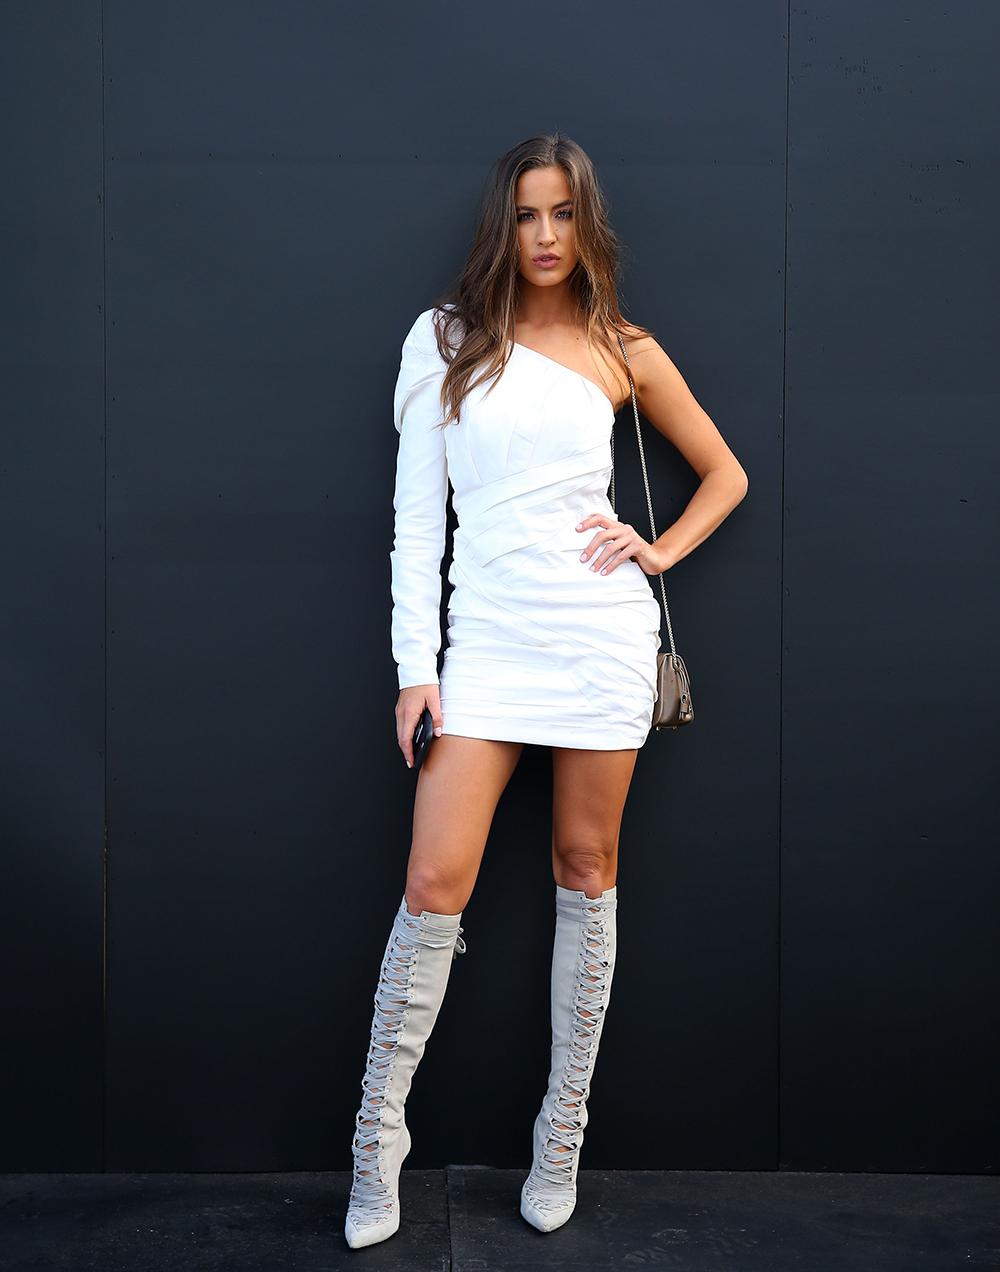 ボディコンシャスなワンピースはワンショルダーデザインが気分。メリハリラインが作れる計算された美シルエットは女性らしくてGOOD。オールホワイトコーデで夏らしい爽やかさを演出して。